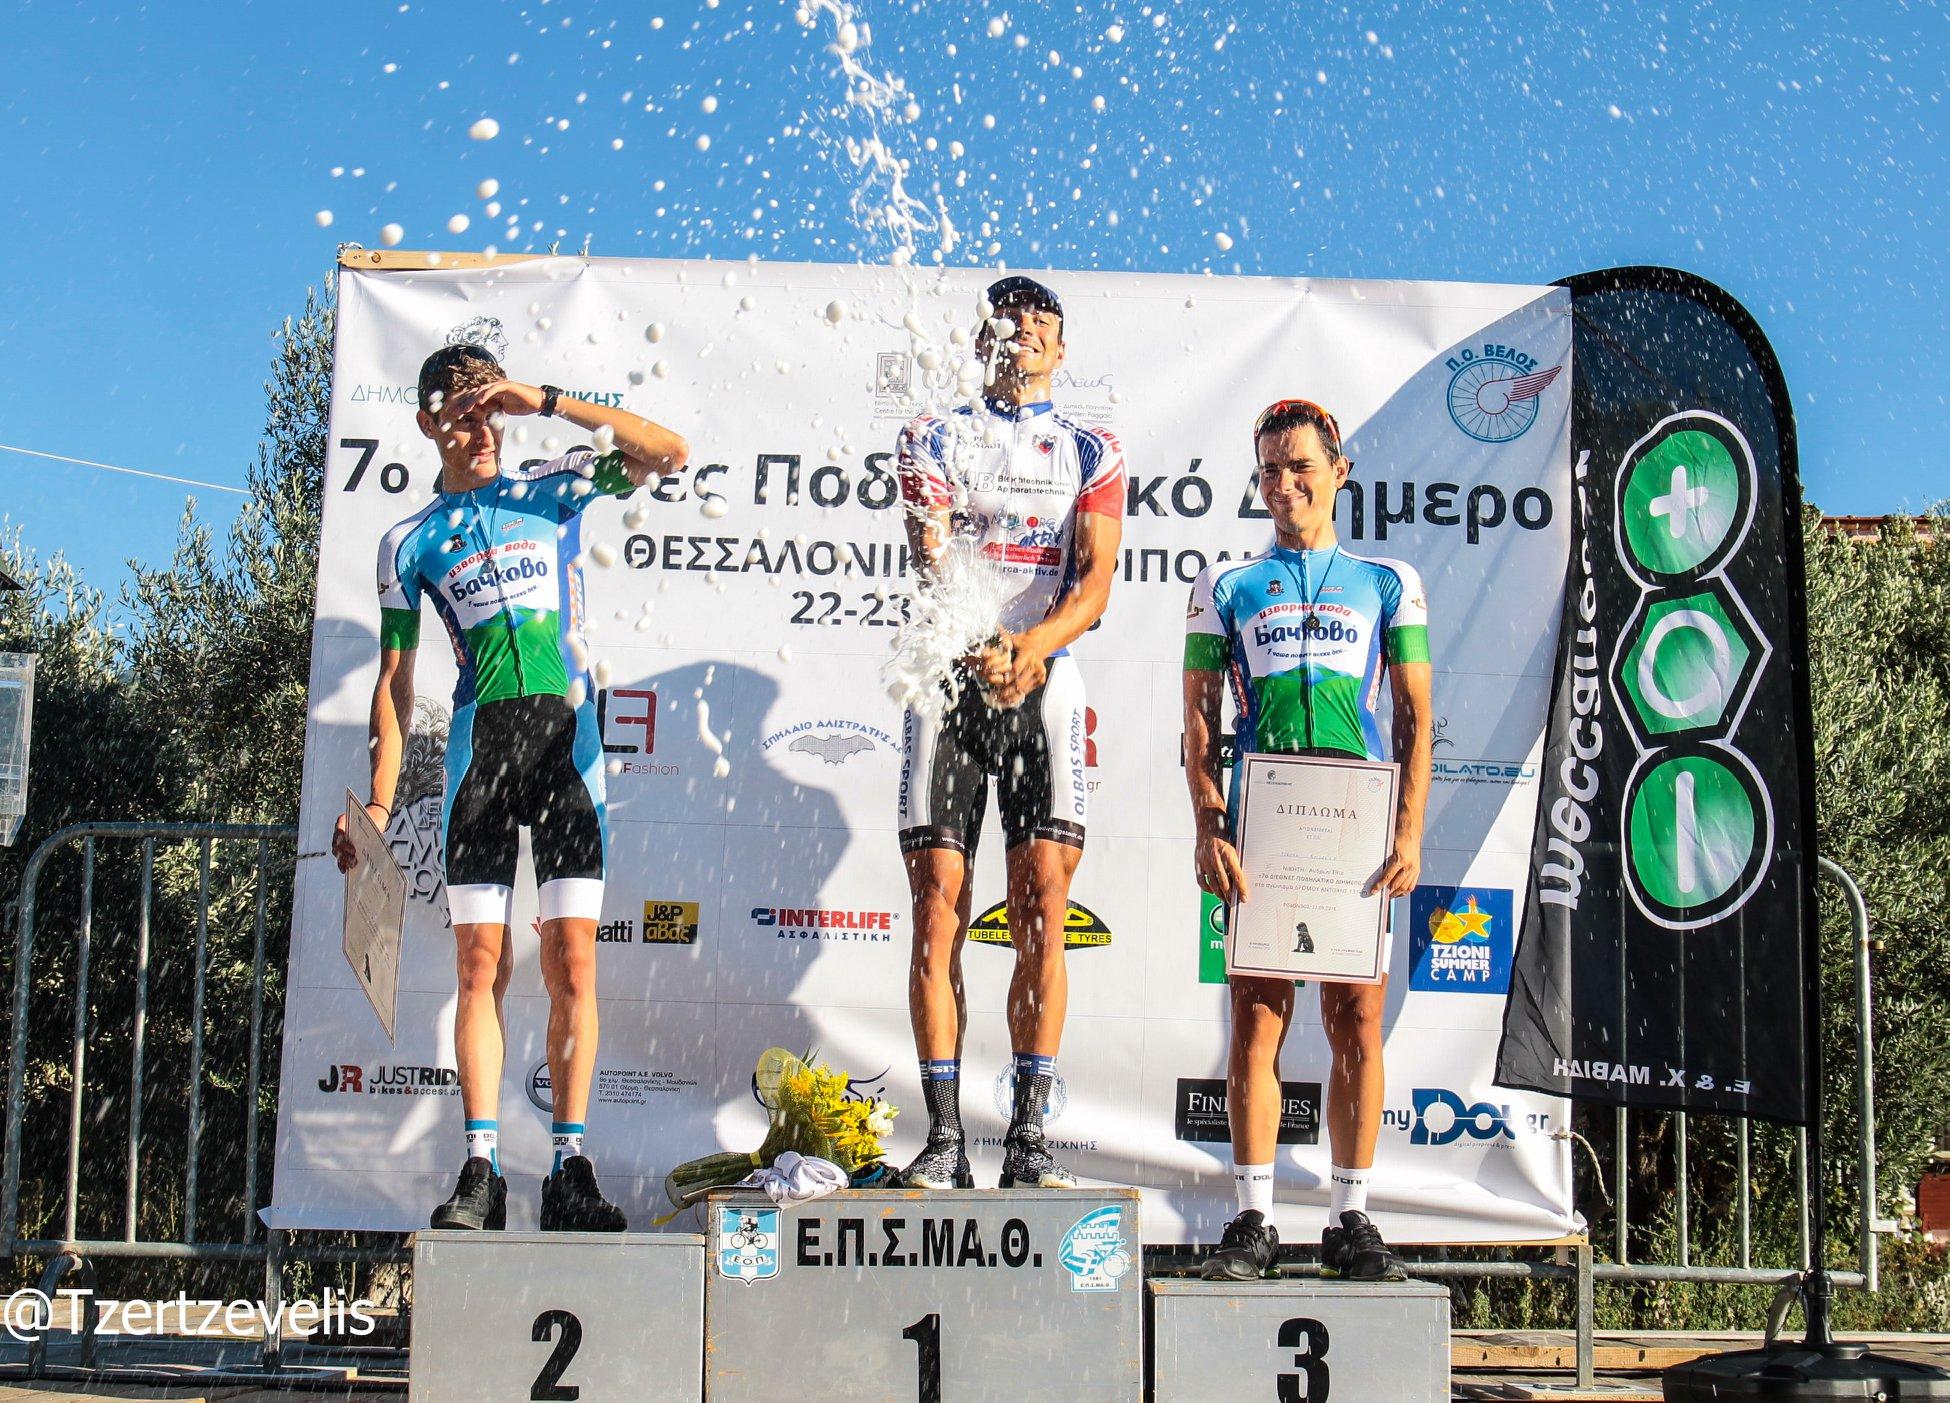 7ο διεθνές ποδηλατικό διήμερο